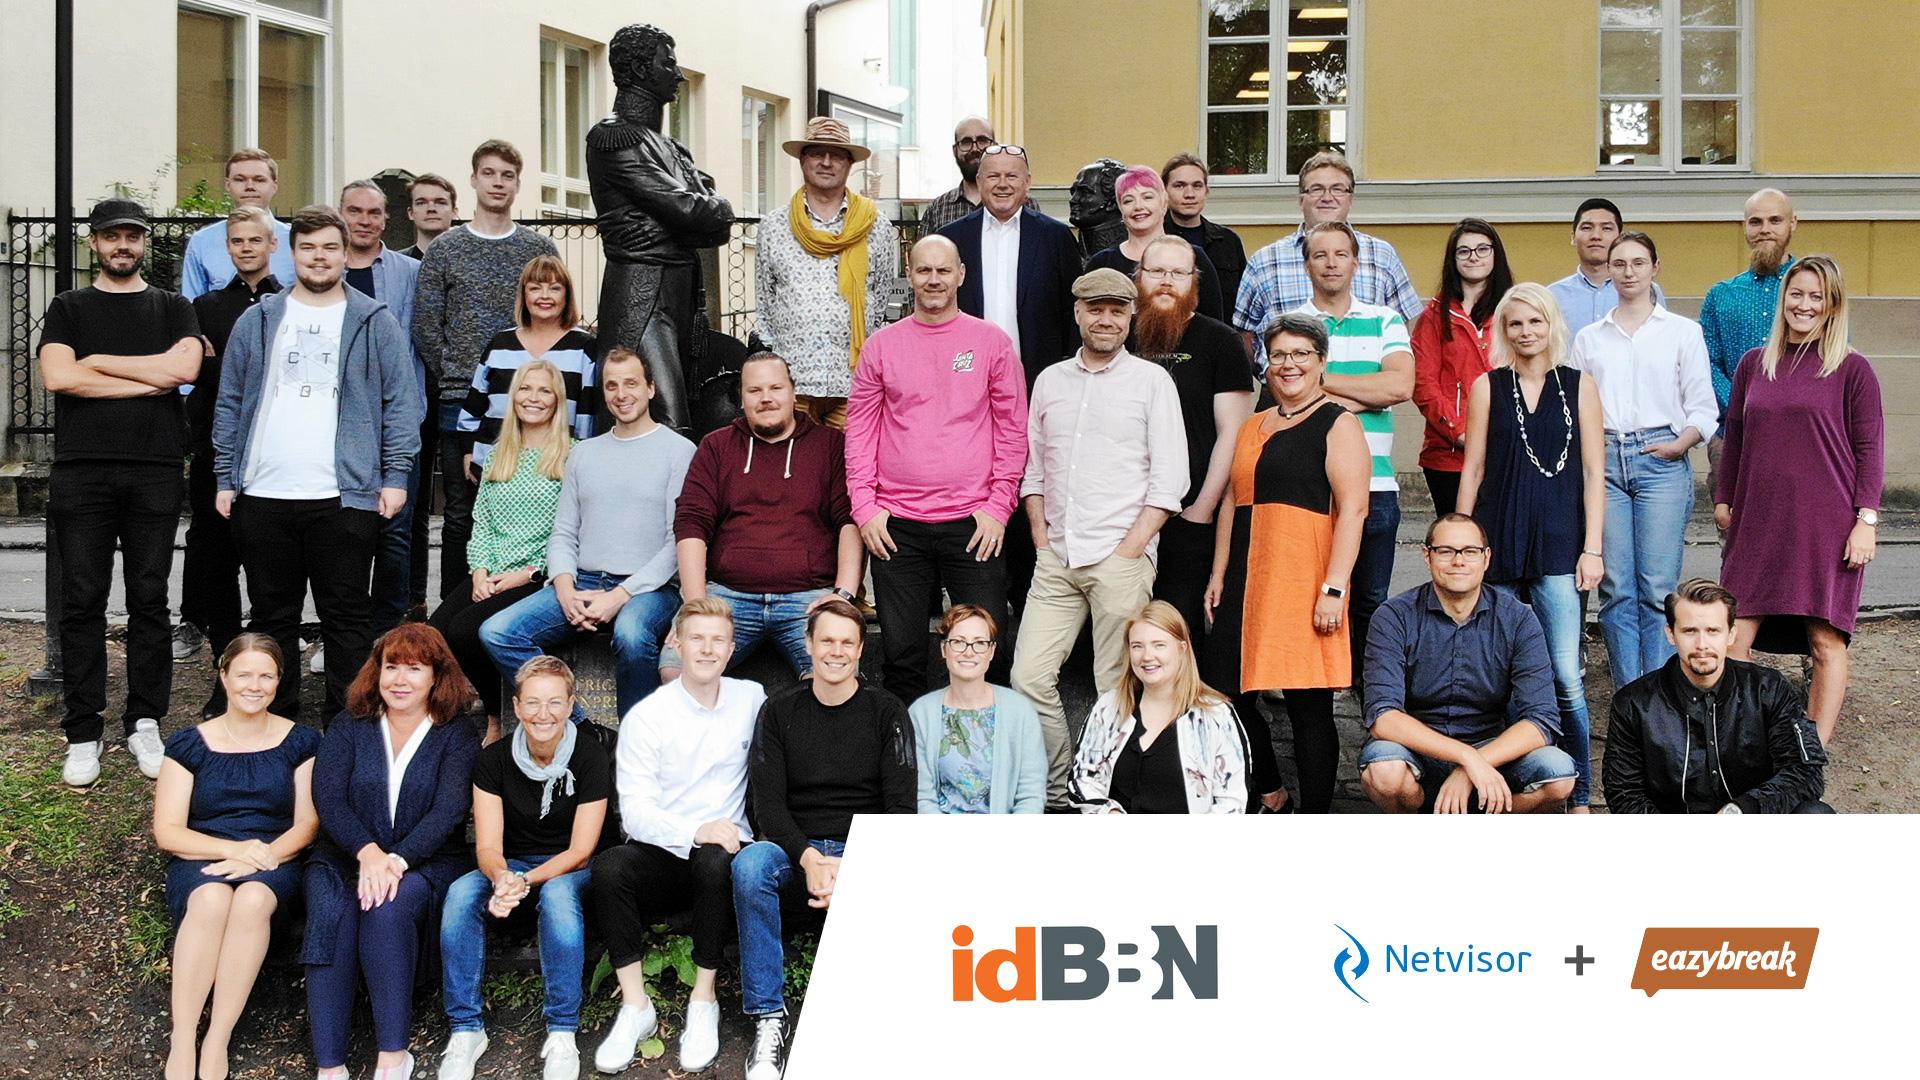 ID BBN on tyytyväinen Eazybreak-Netvisor integraatioonsa.